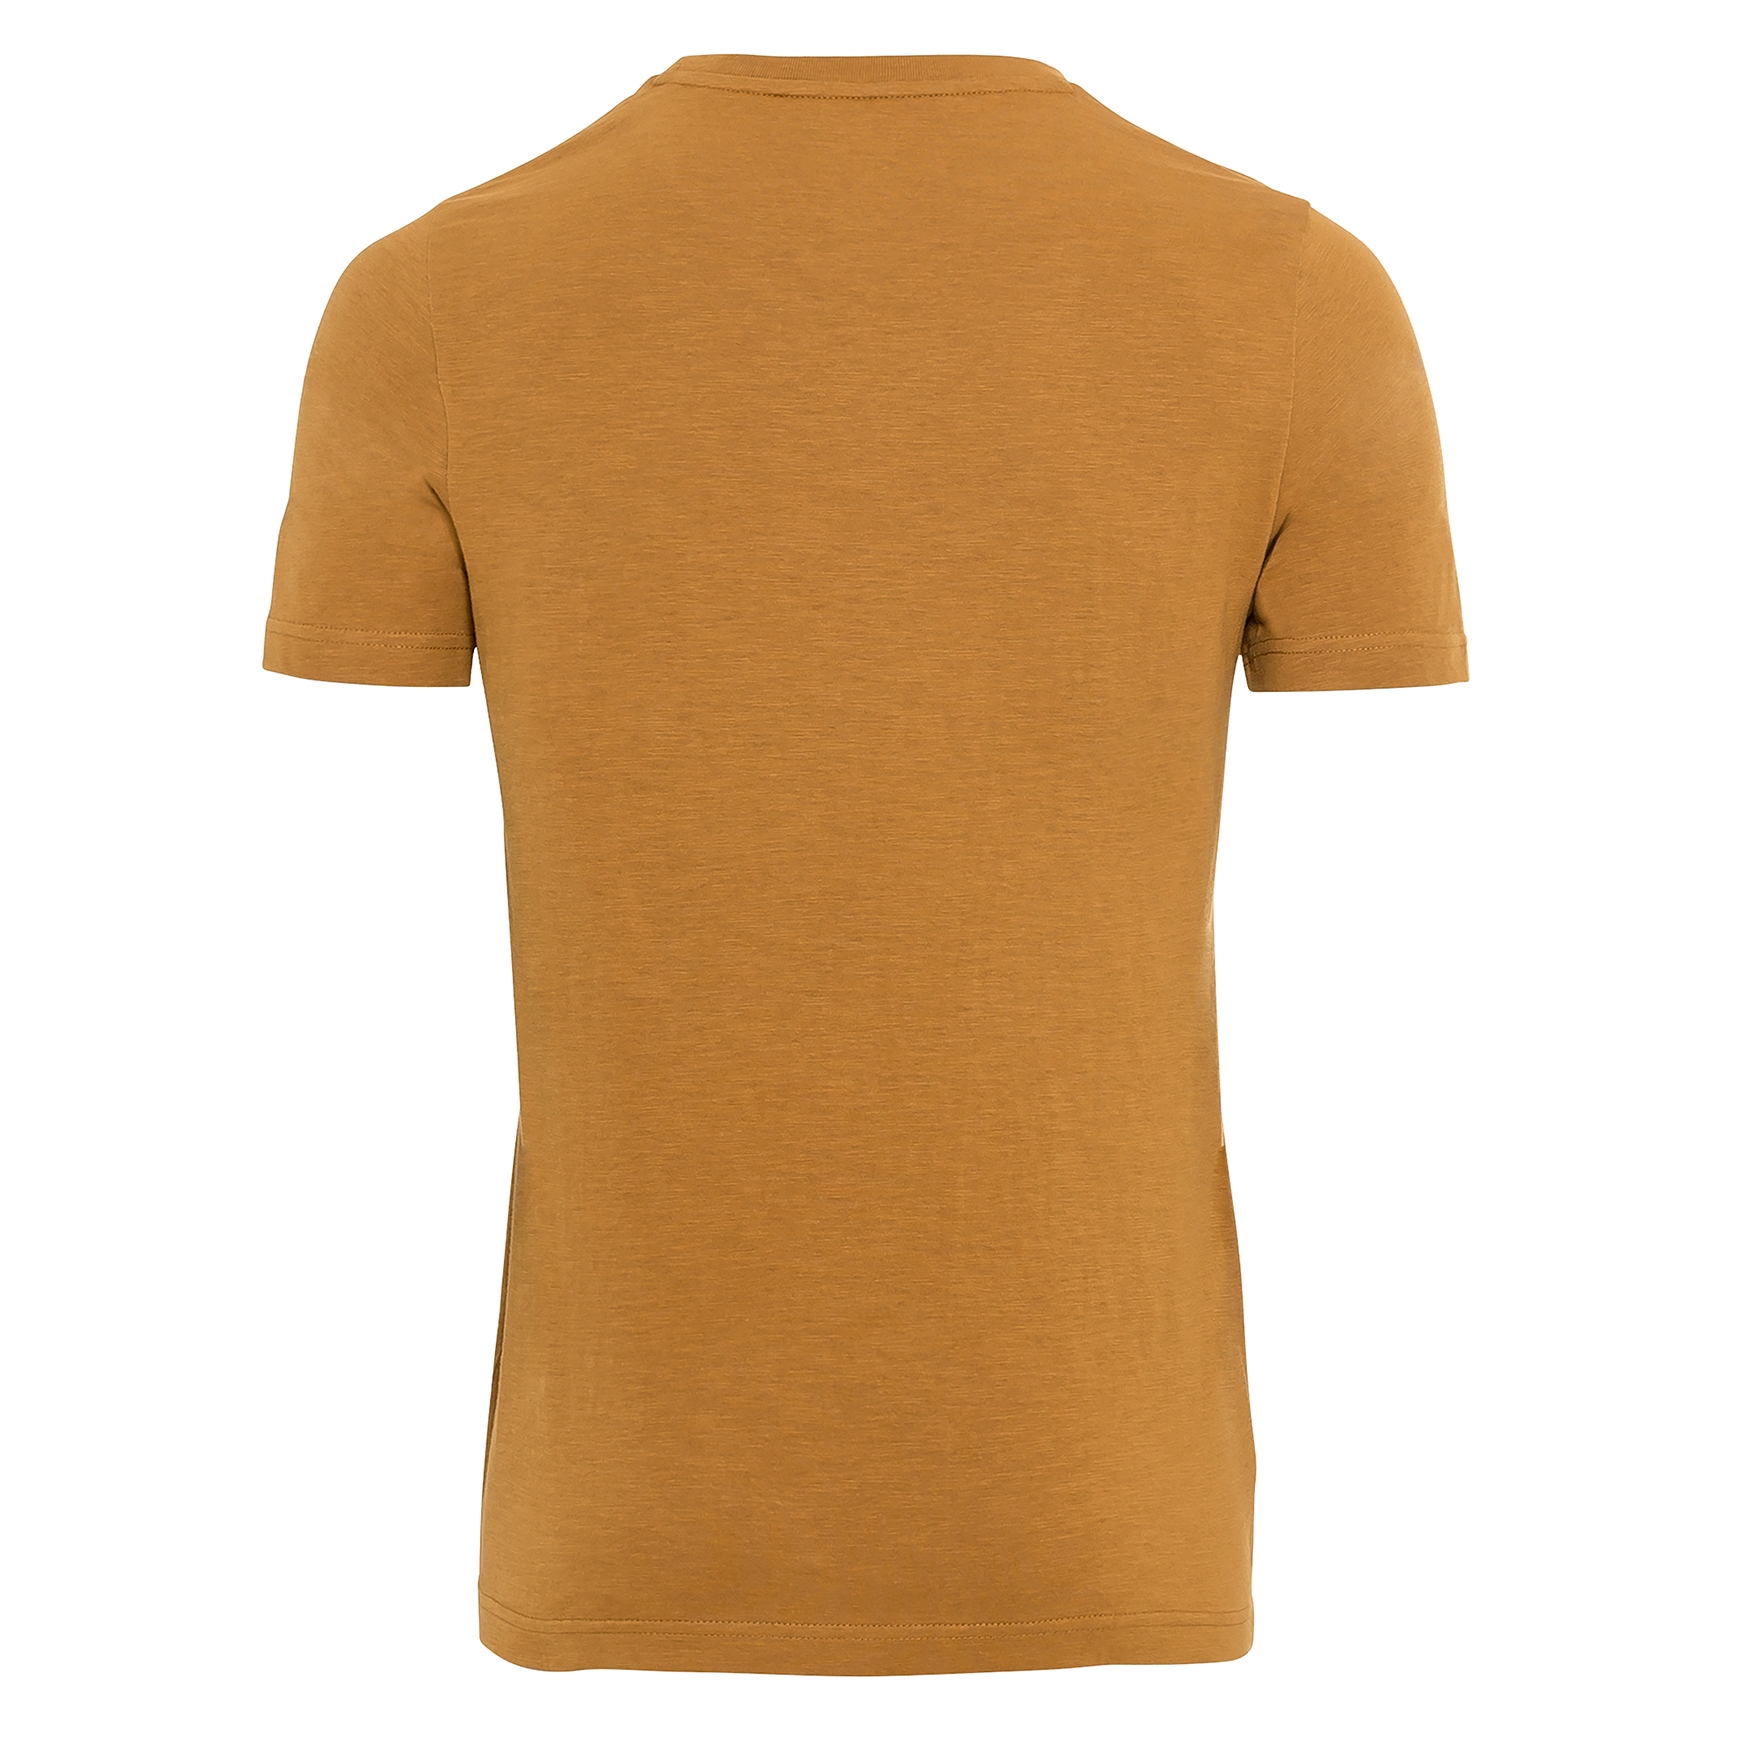 Camel active Herren T-Shirt Shirt kurzarm gelb Print 5T42409642 23